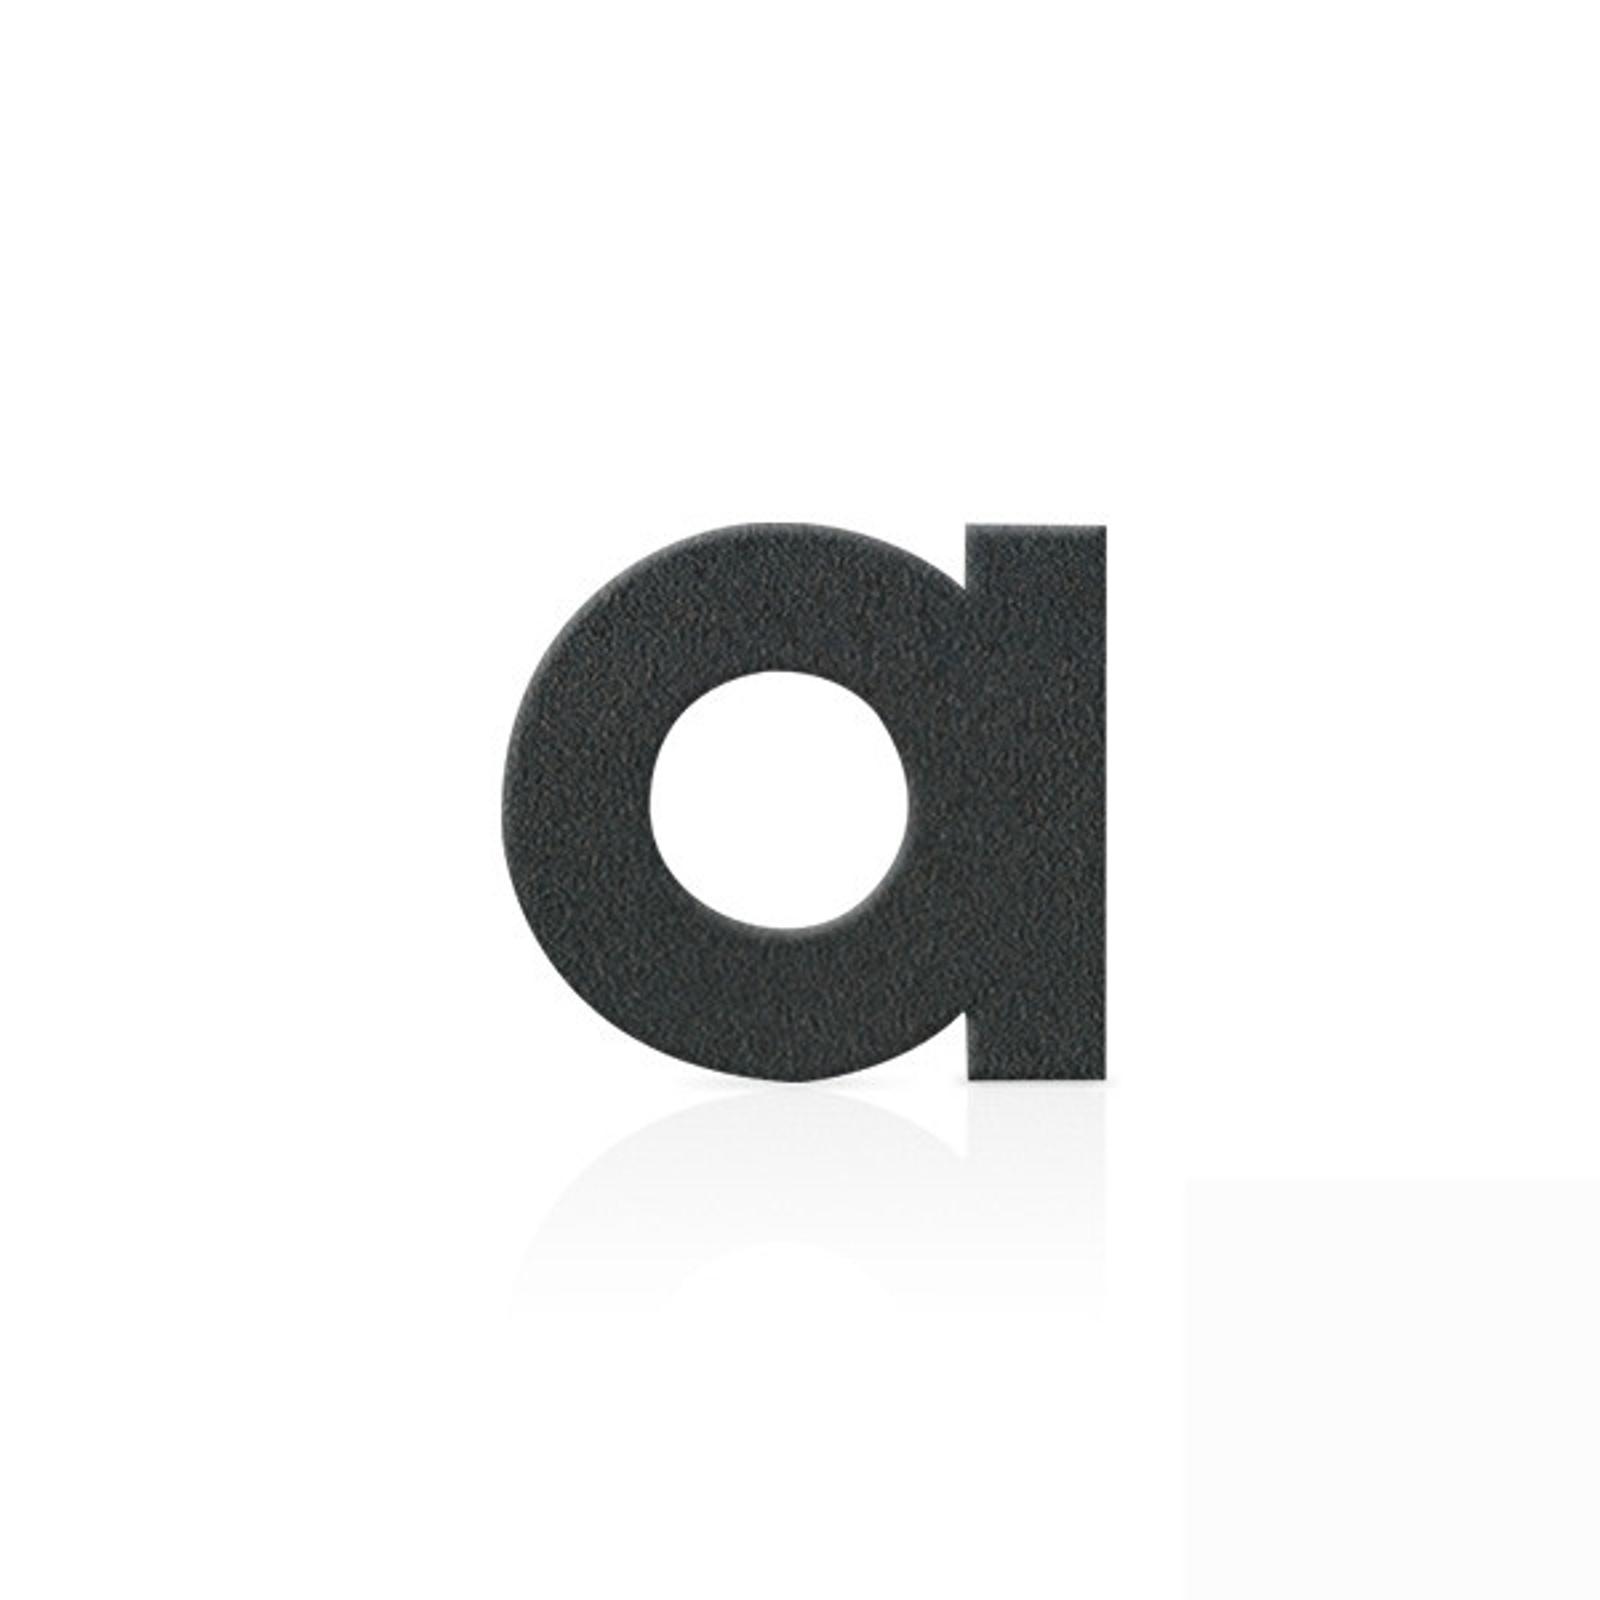 Nerezová domovní čísla písmeno a, grafit šedý